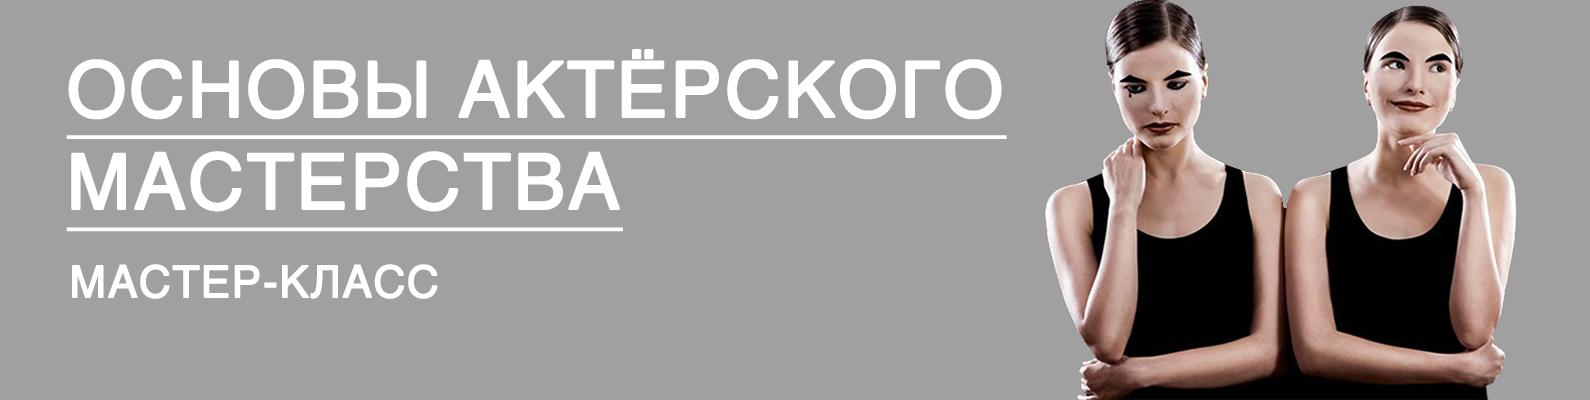 Мастер-класс «Основы актёрского мастерства» (Минская школа киноискусства, Минск, Беларусь)